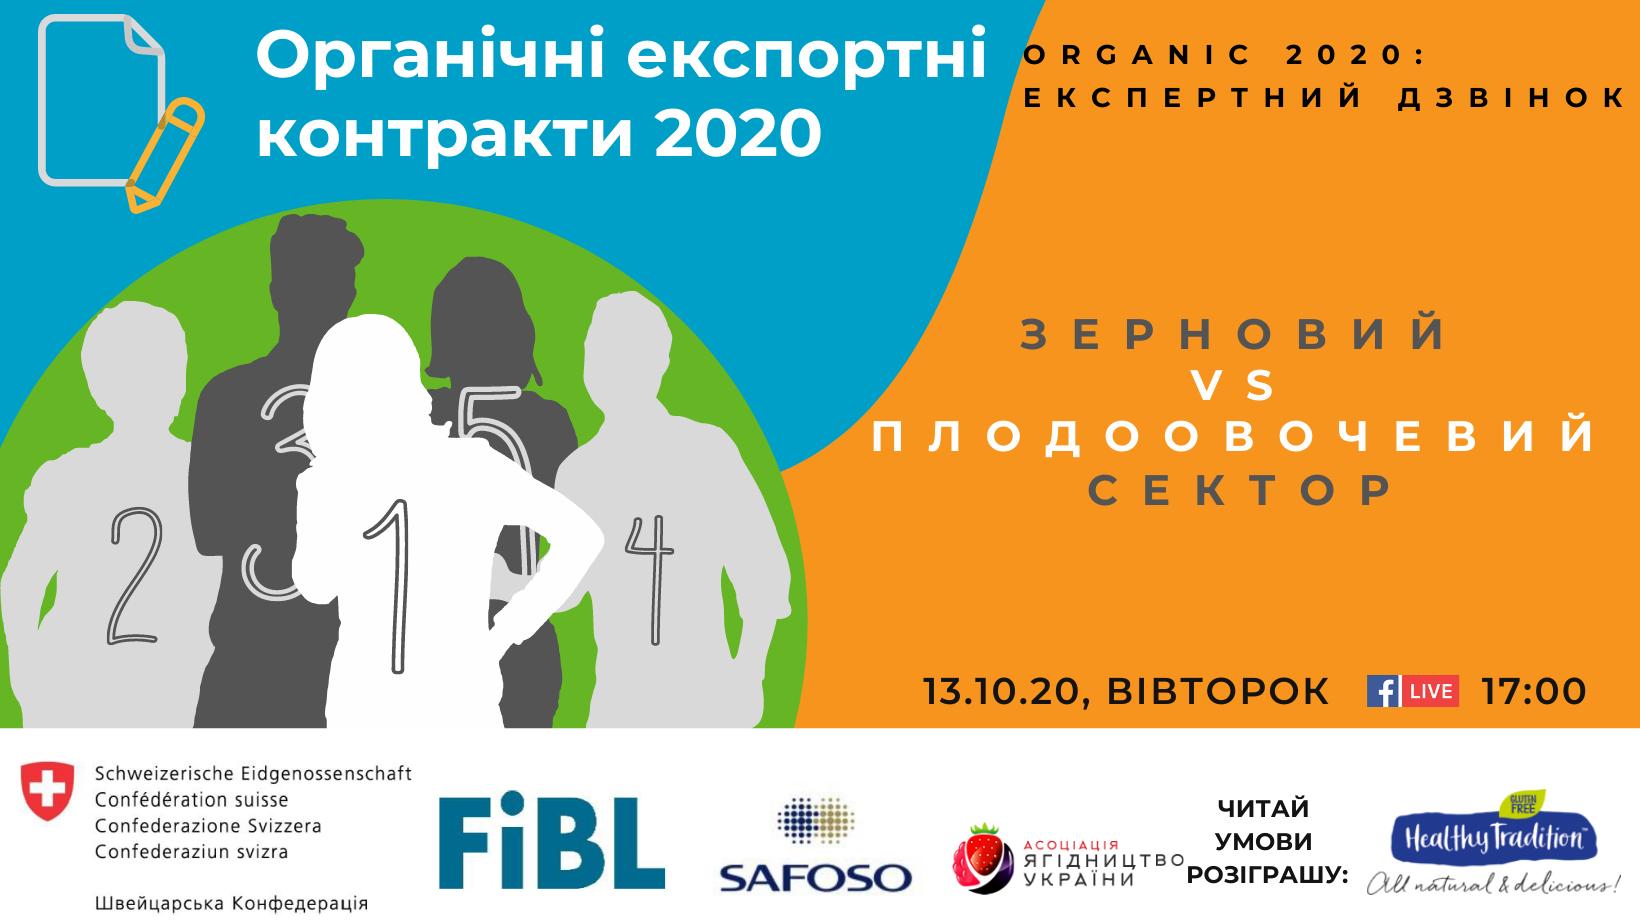 Органічні експортні контракти 2020: Зерновий VS Плодоовочевий сектор